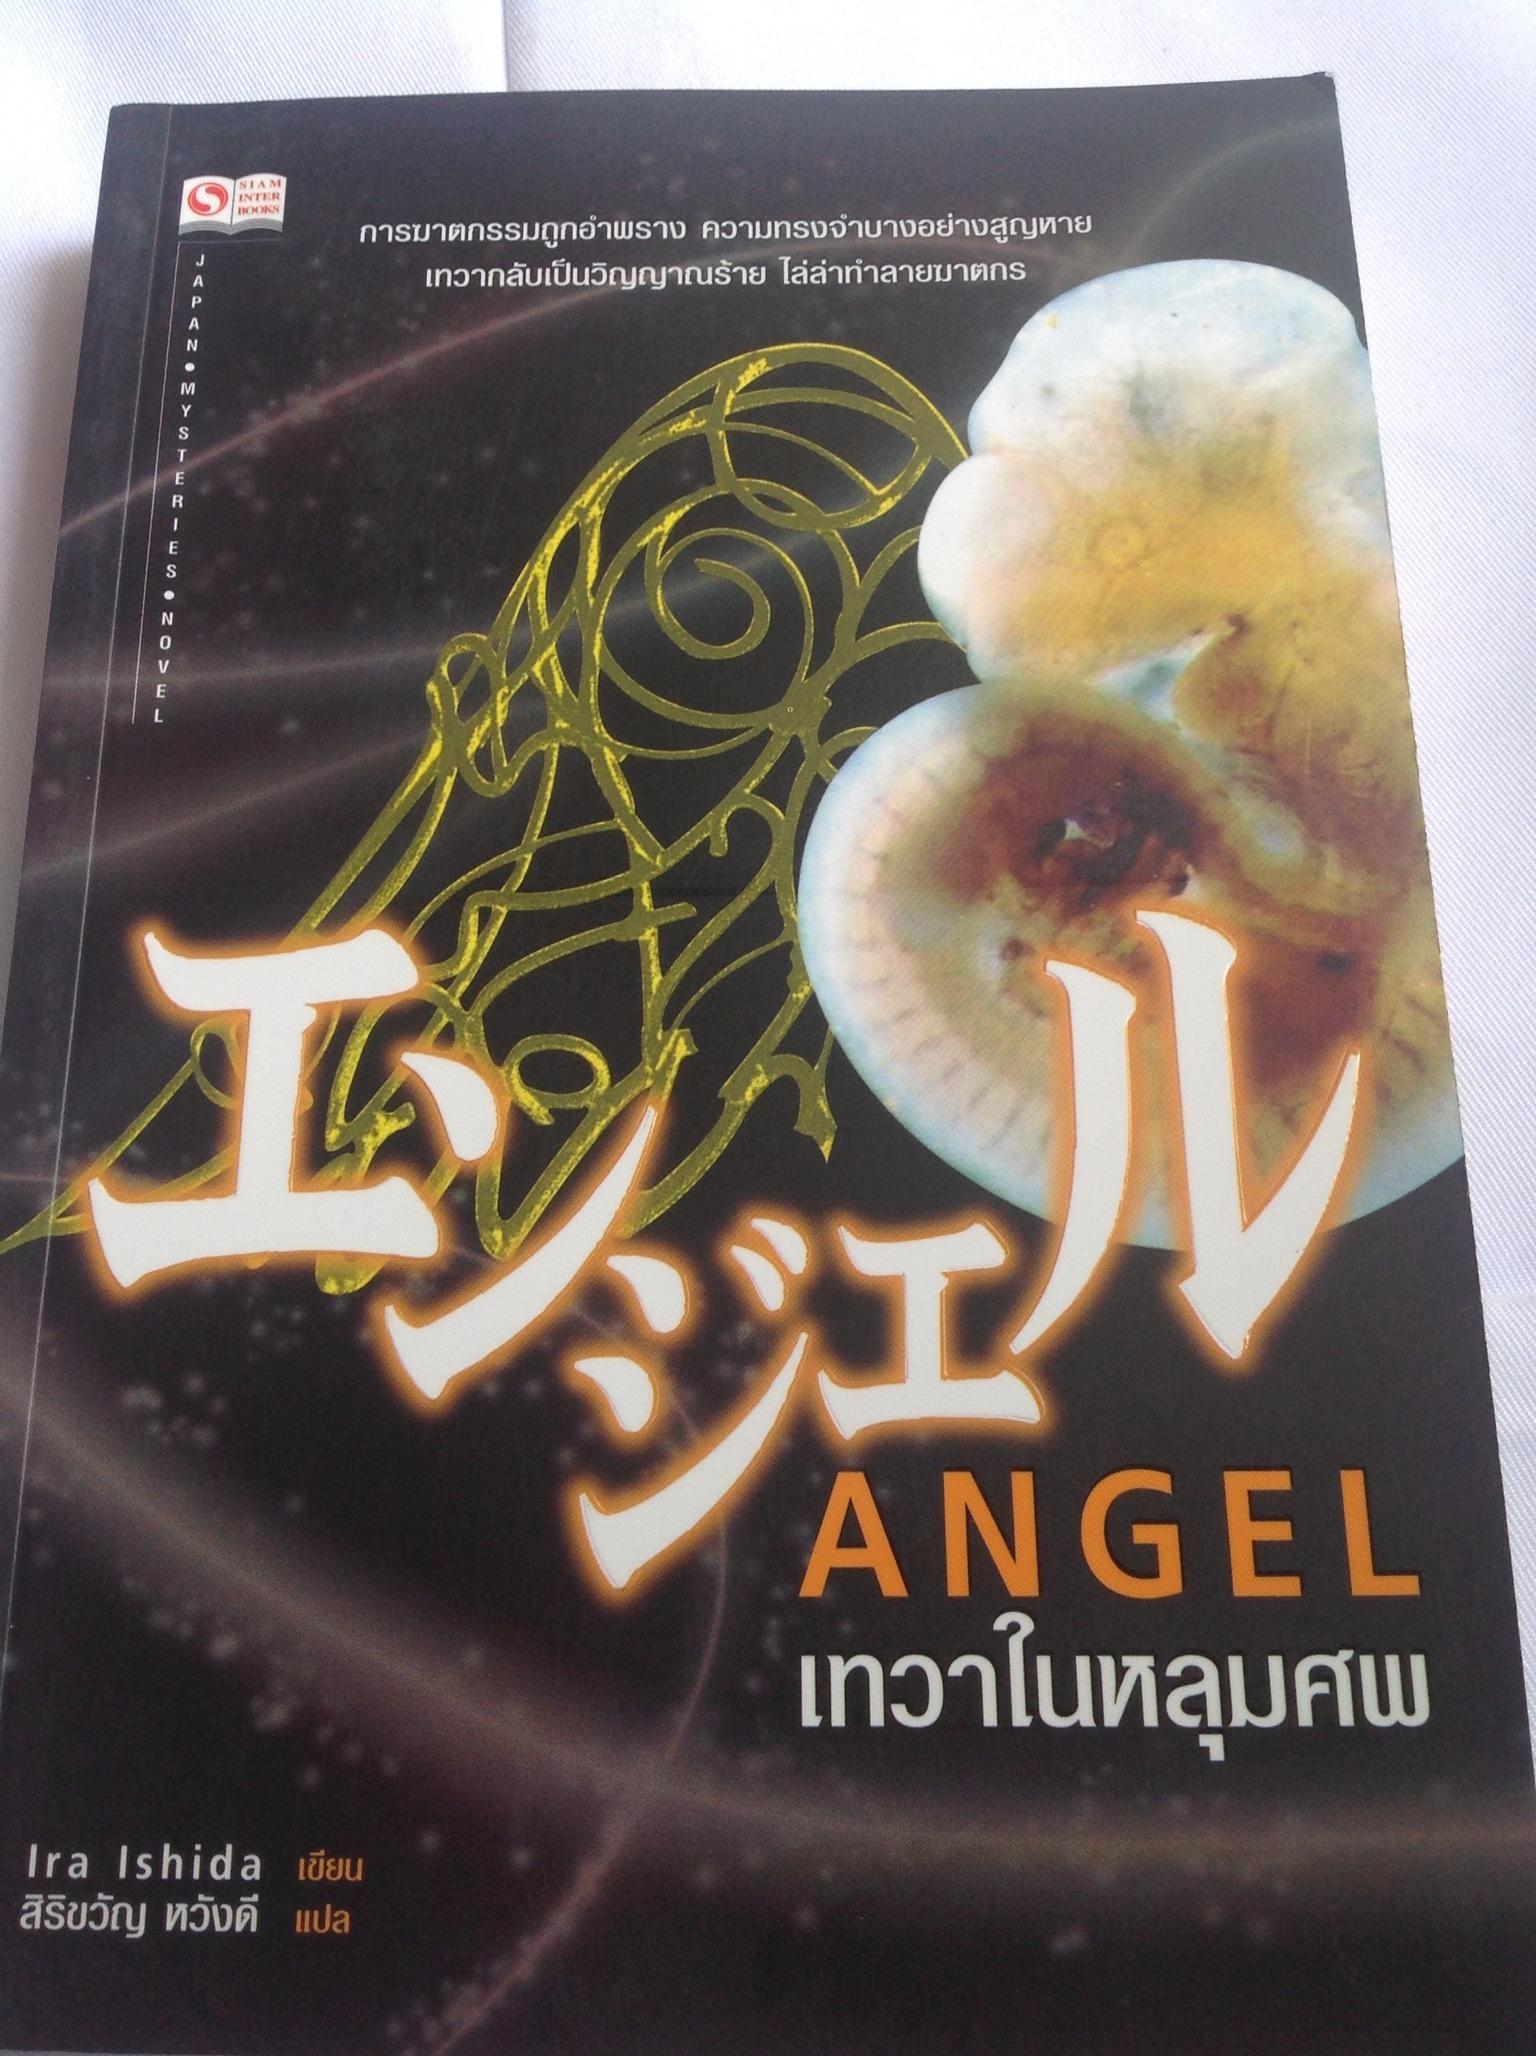 Angel เทวาในหลุมศพ (หนังสือมือหนึ่ง)